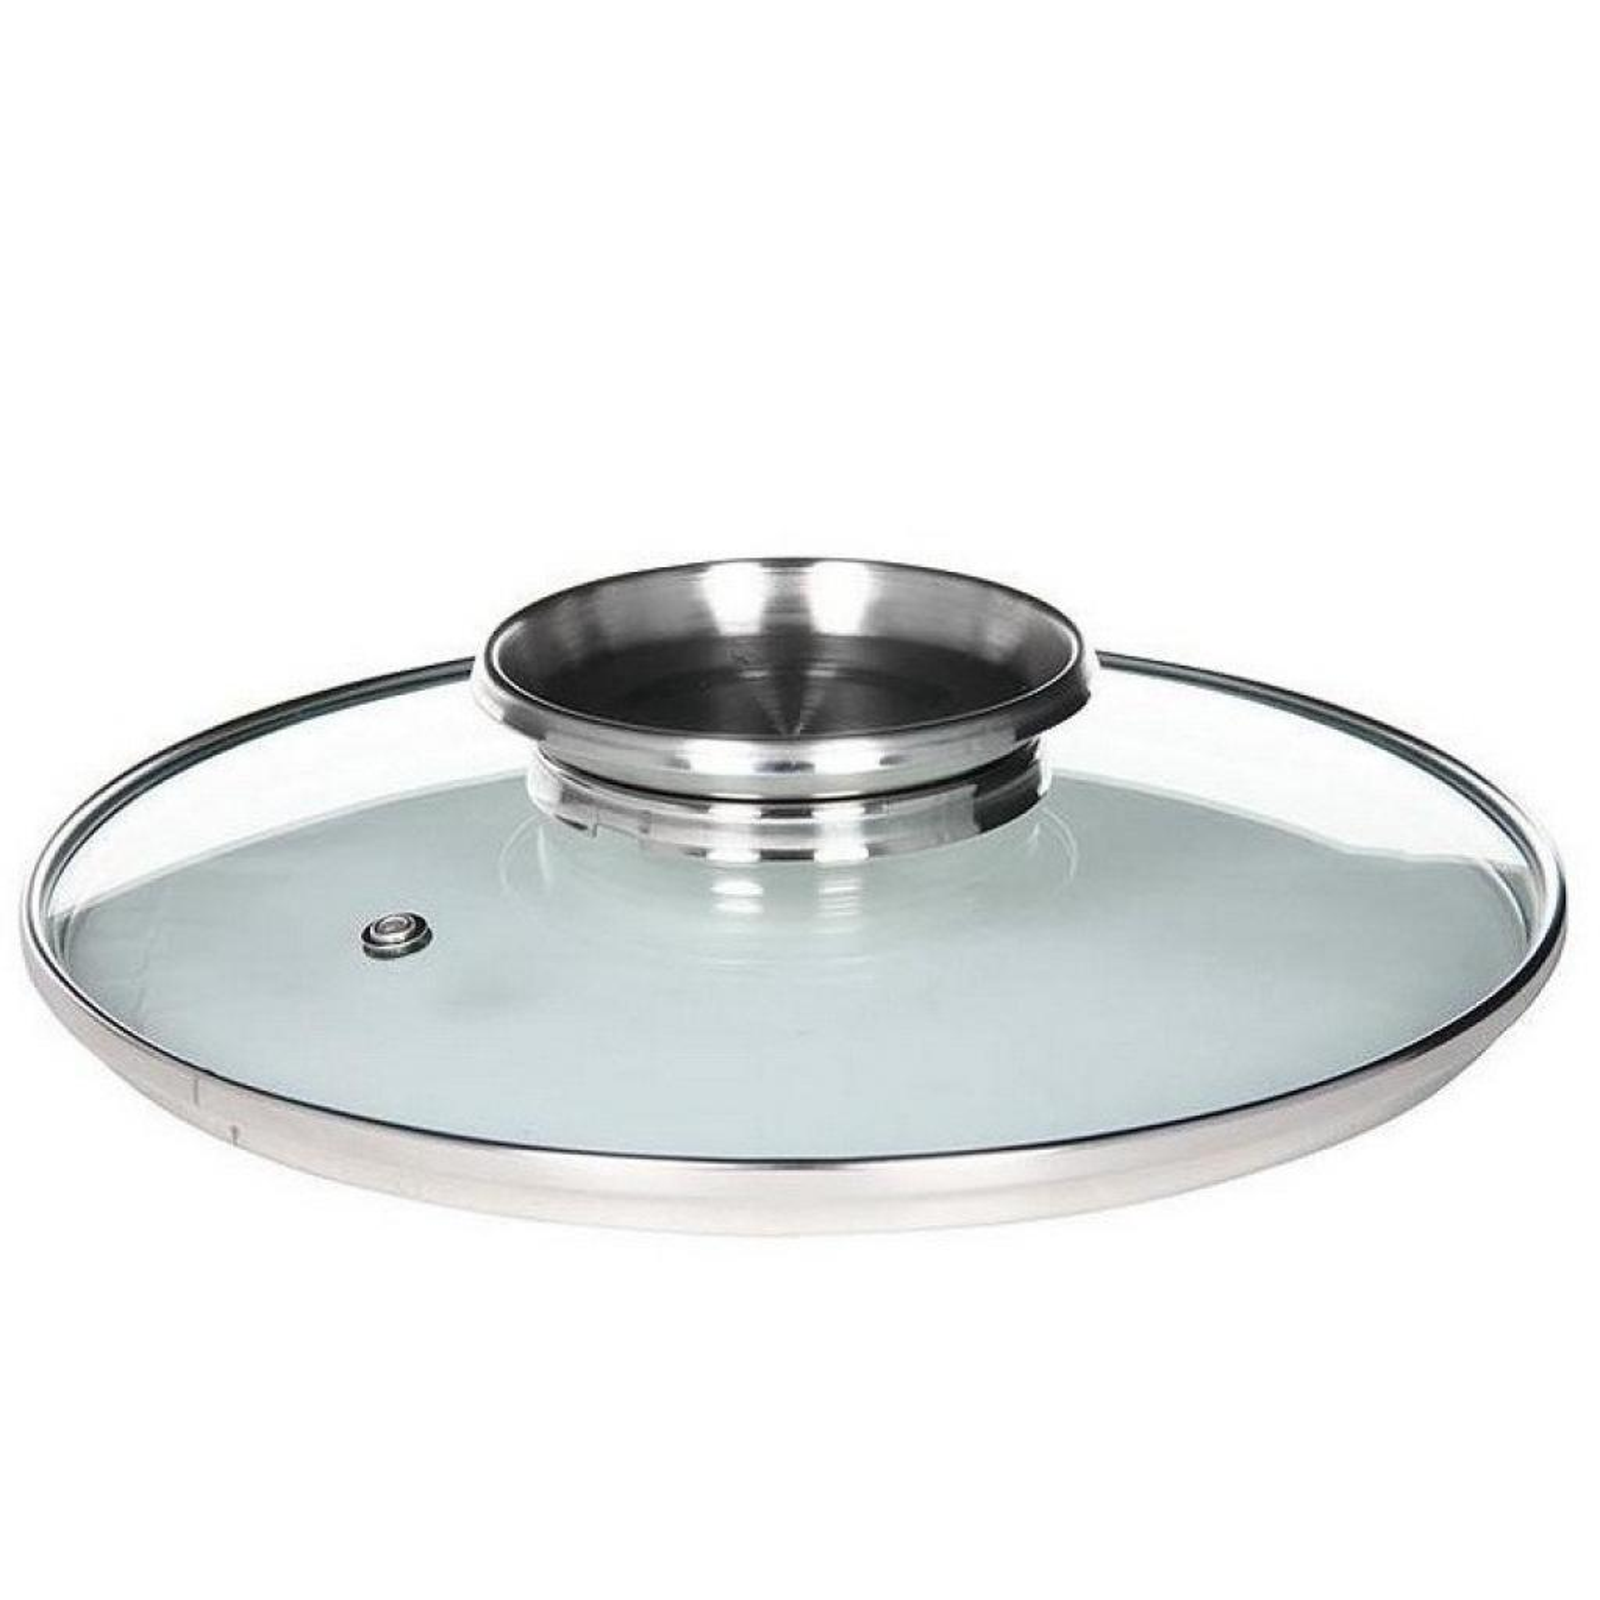 Крышка для посуды Pensofal Bioceramix 24 см (PEN9364) изображение 2